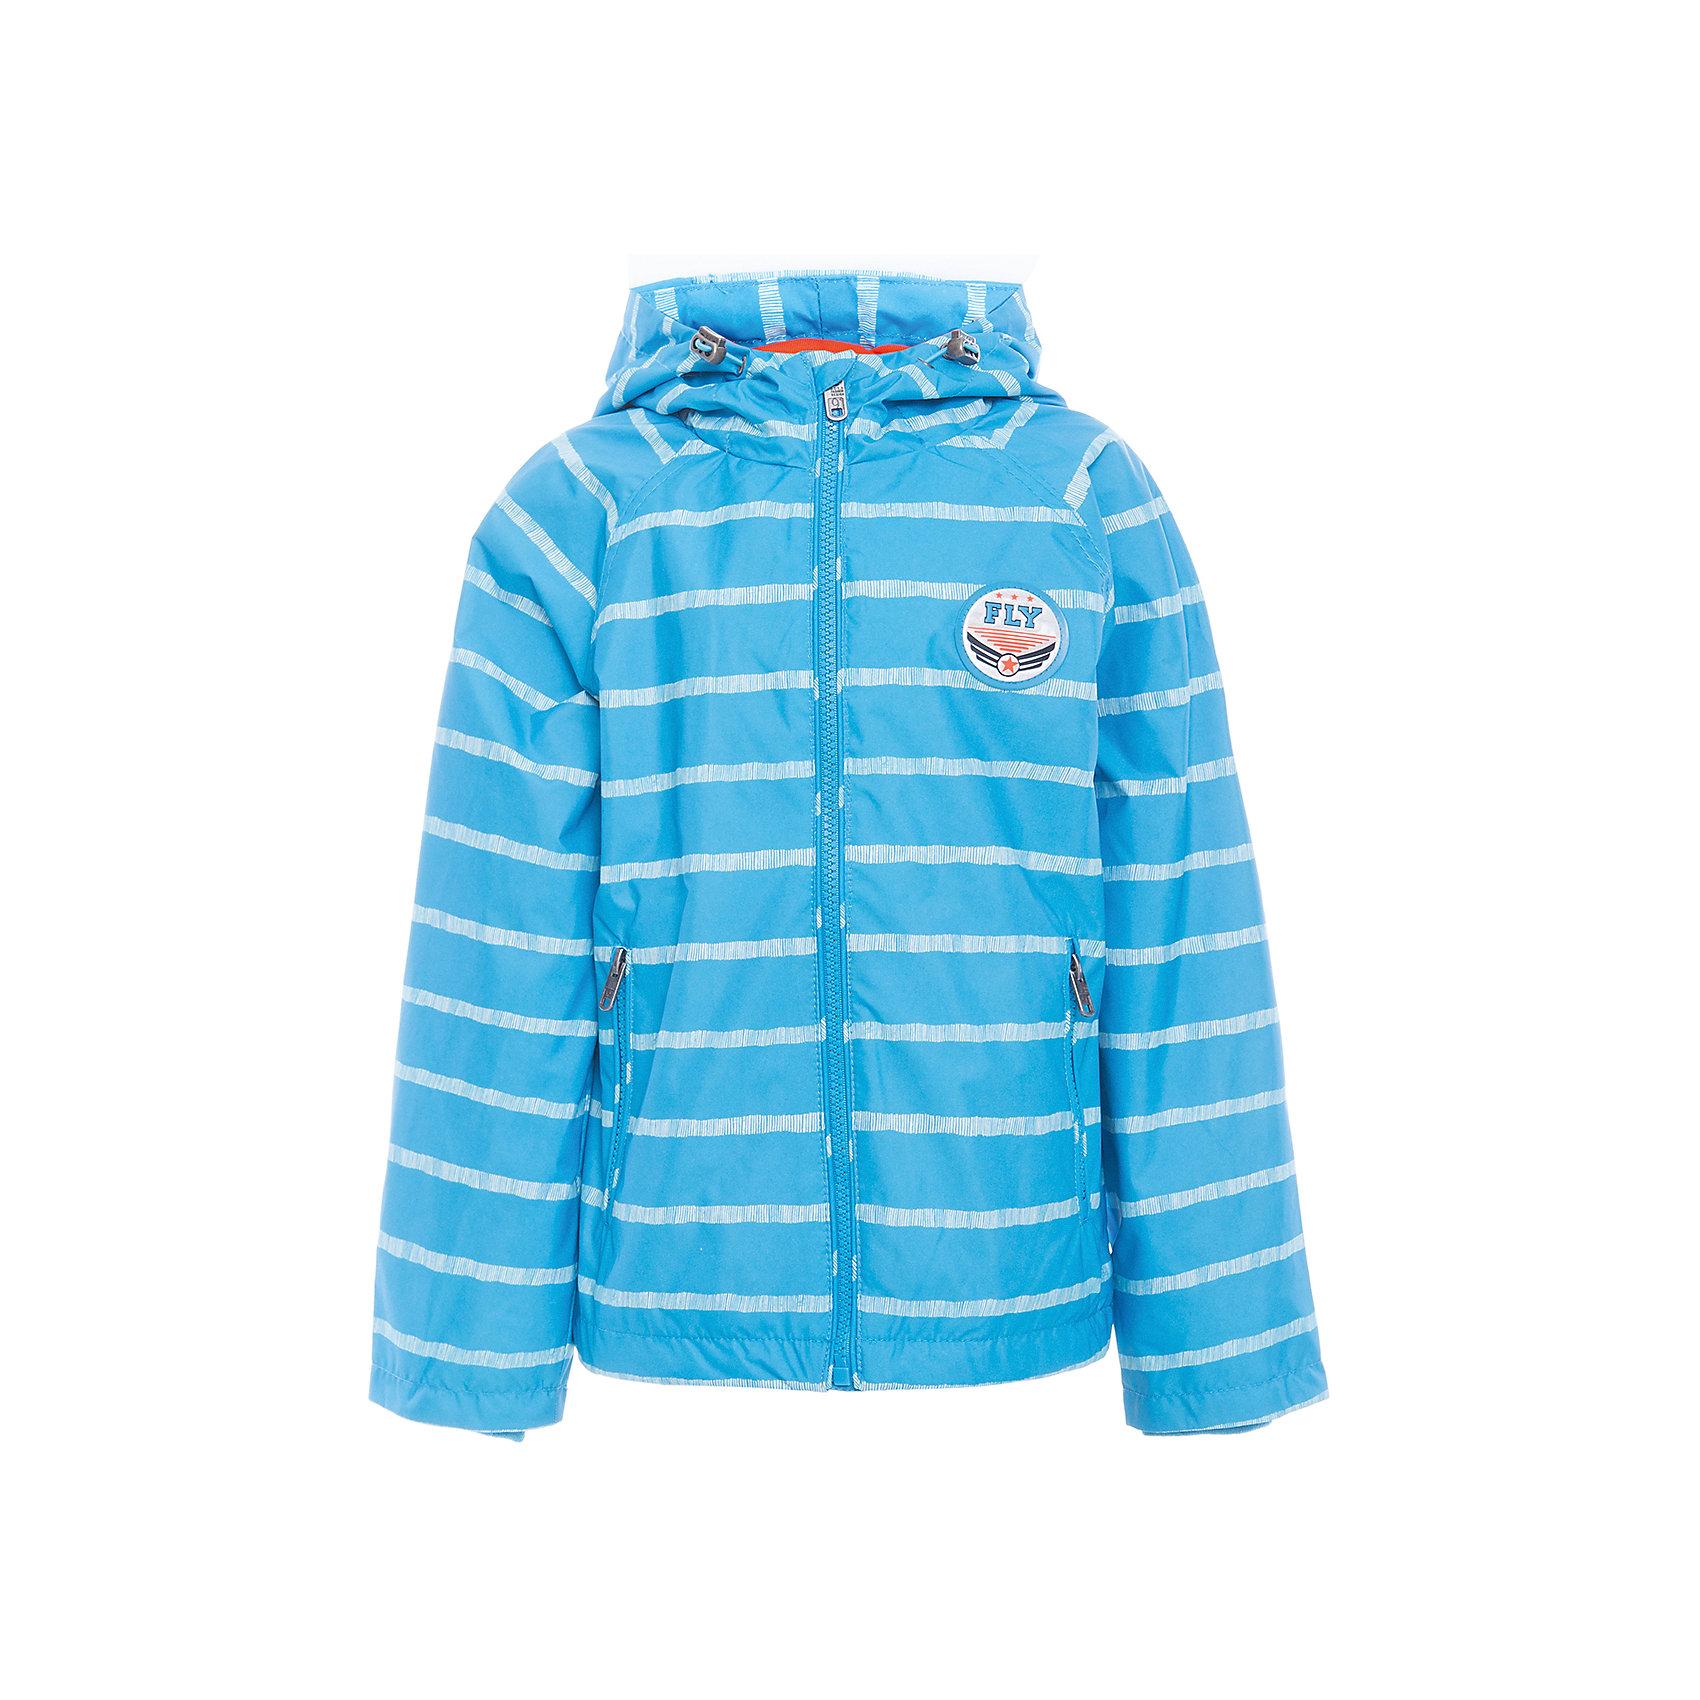 Куртка для мальчика SELAВерхняя одежда<br>Характеристики товара:<br><br>• цвет: синий<br>• состав: 100% ПЭ; подкладка: 100% хлопок; отделка: 100% ПЭ<br>• • сезон: демисезон<br>• декорирована нашивкой<br>• длинные рукава<br>• легкая<br>• карманы<br>•  молния<br>• страна бренда: Россия<br><br>Вещи из новой коллекции SELA продолжают радовать удобством! Стильная легкая куртка для мальчика поможет разнообразить гардероб ребенка и обеспечить комфорт в прохладную погоду. Она отлично сочетается с юбками и брюками. Отличается оригинальной отделкой. <br><br>Одежда, обувь и аксессуары от российского бренда SELA не зря пользуются большой популярностью у детей и взрослых! Модели этой марки - стильные и удобные, цена при этом неизменно остается доступной. Для их производства используются только безопасные, качественные материалы и фурнитура. <br><br>Куртку для мальчика от популярного бренда SELA (СЕЛА) можно купить в нашем интернет-магазине.<br><br>Ширина мм: 356<br>Глубина мм: 10<br>Высота мм: 245<br>Вес г: 519<br>Цвет: синий<br>Возраст от месяцев: 60<br>Возраст до месяцев: 72<br>Пол: Мужской<br>Возраст: Детский<br>Размер: 116,98,104,110<br>SKU: 5305218